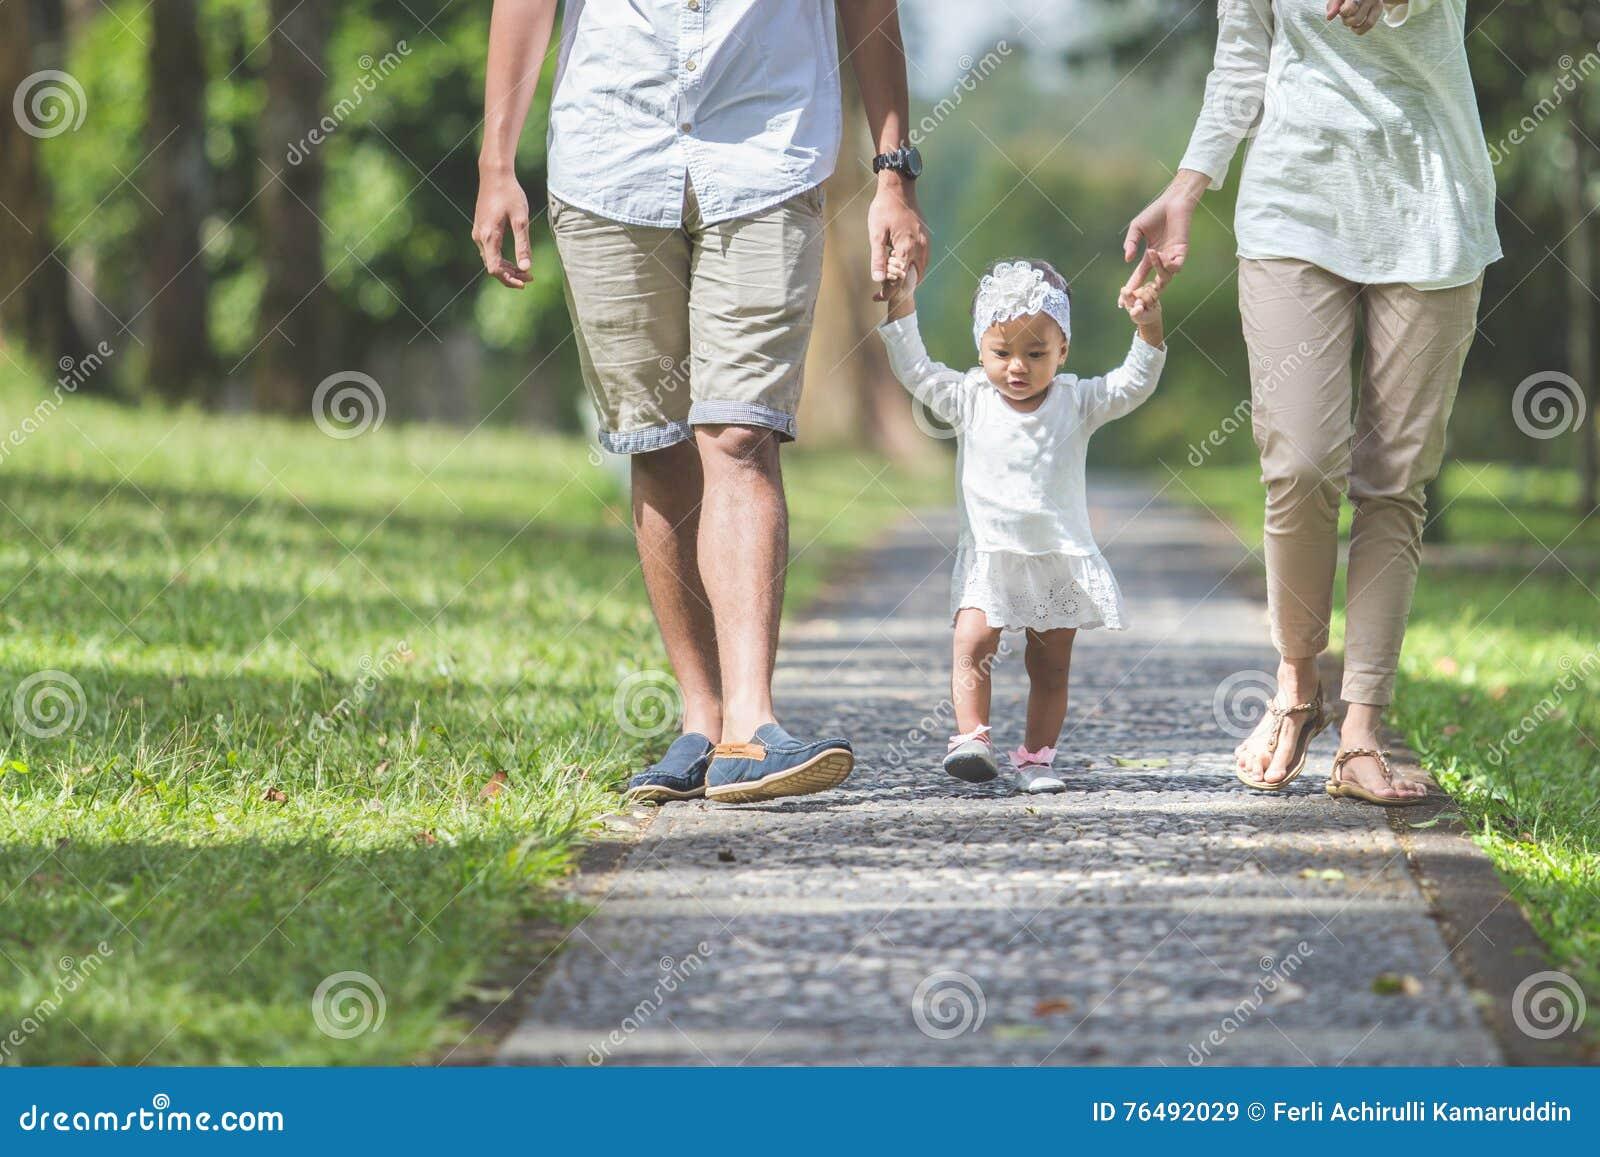 O bebê aprende andar pela primeira vez com seus pais guarda-a